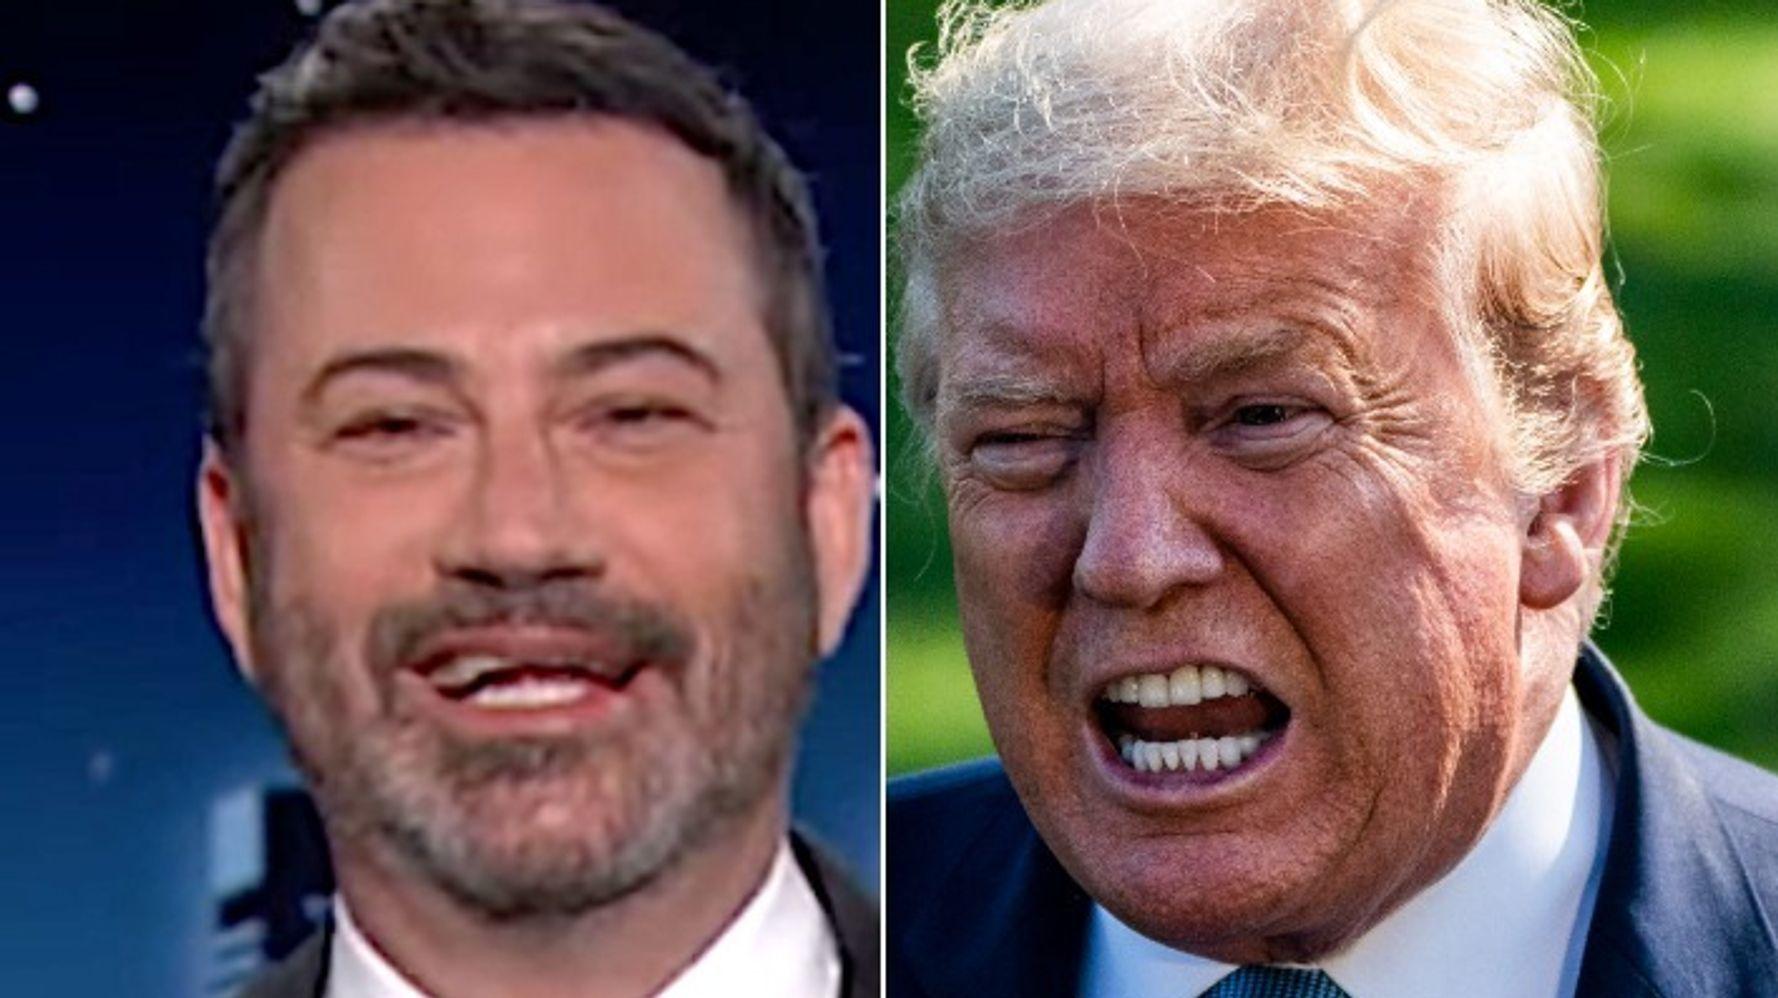 Jimmy Kimmel Spots The Weirdest Line In Trump's Big Speech